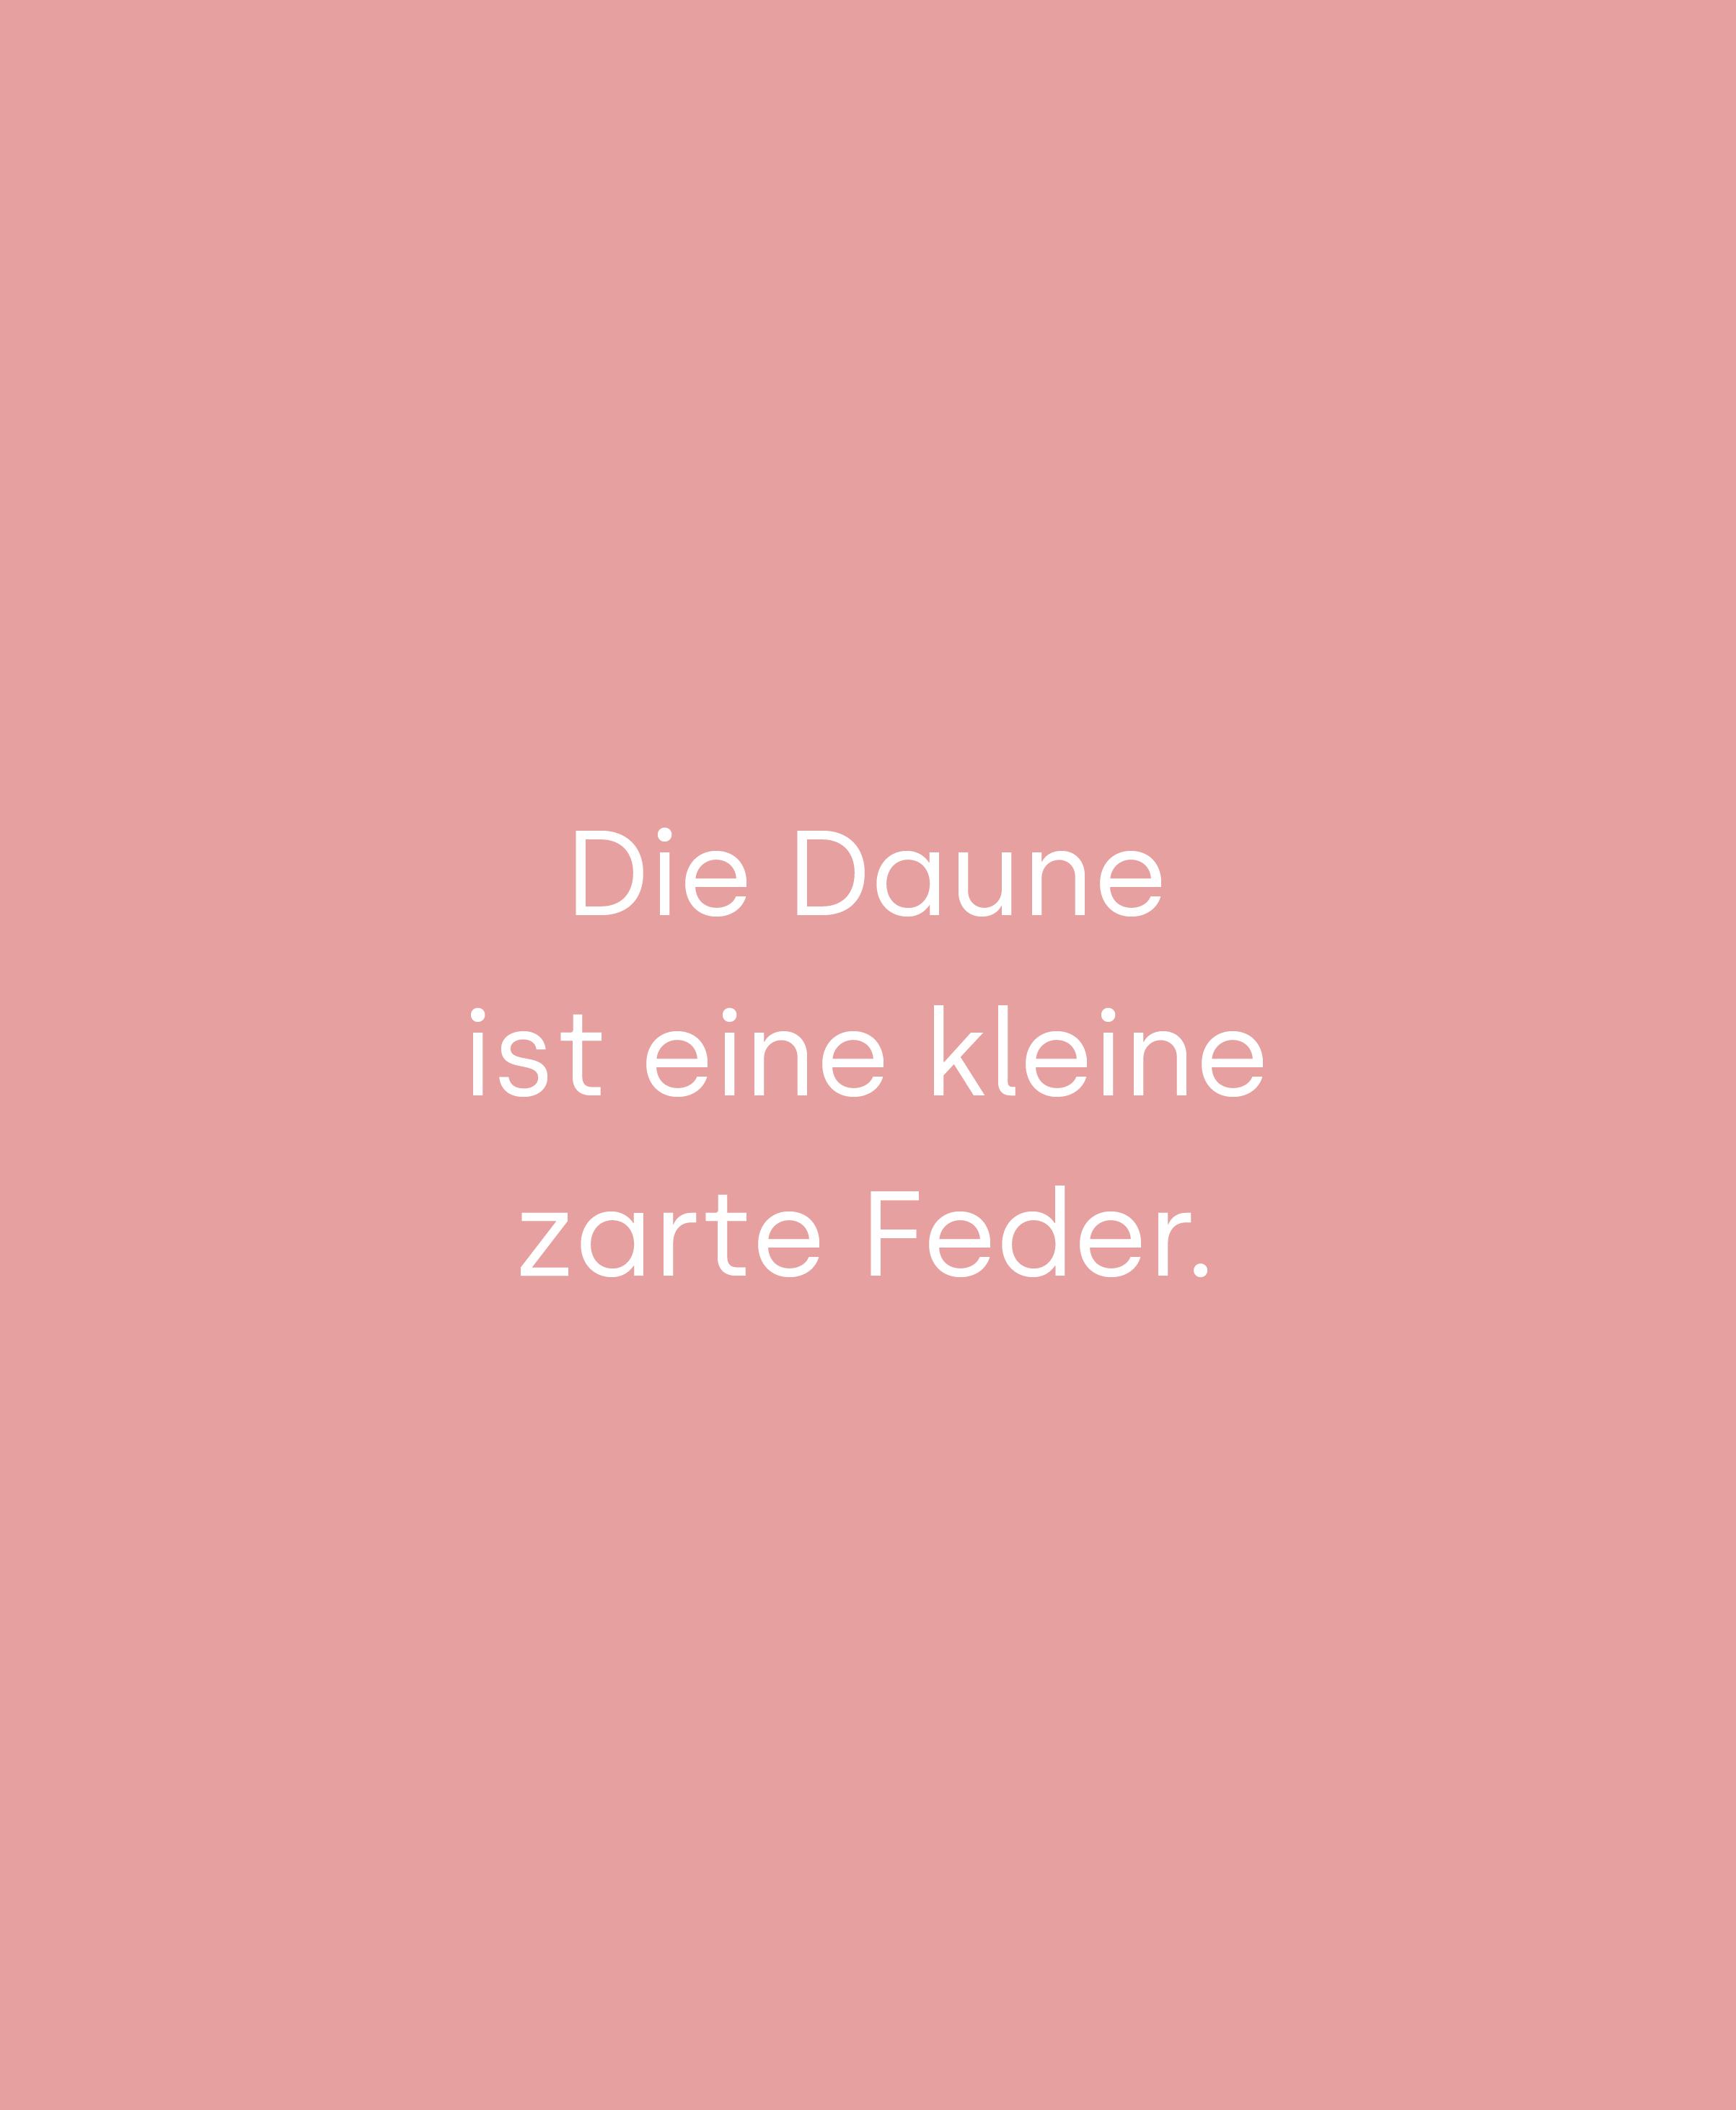 """weiße Schrift auf rosa Hintergrund """"Die Daune ist eine kleine zarte Feder"""""""